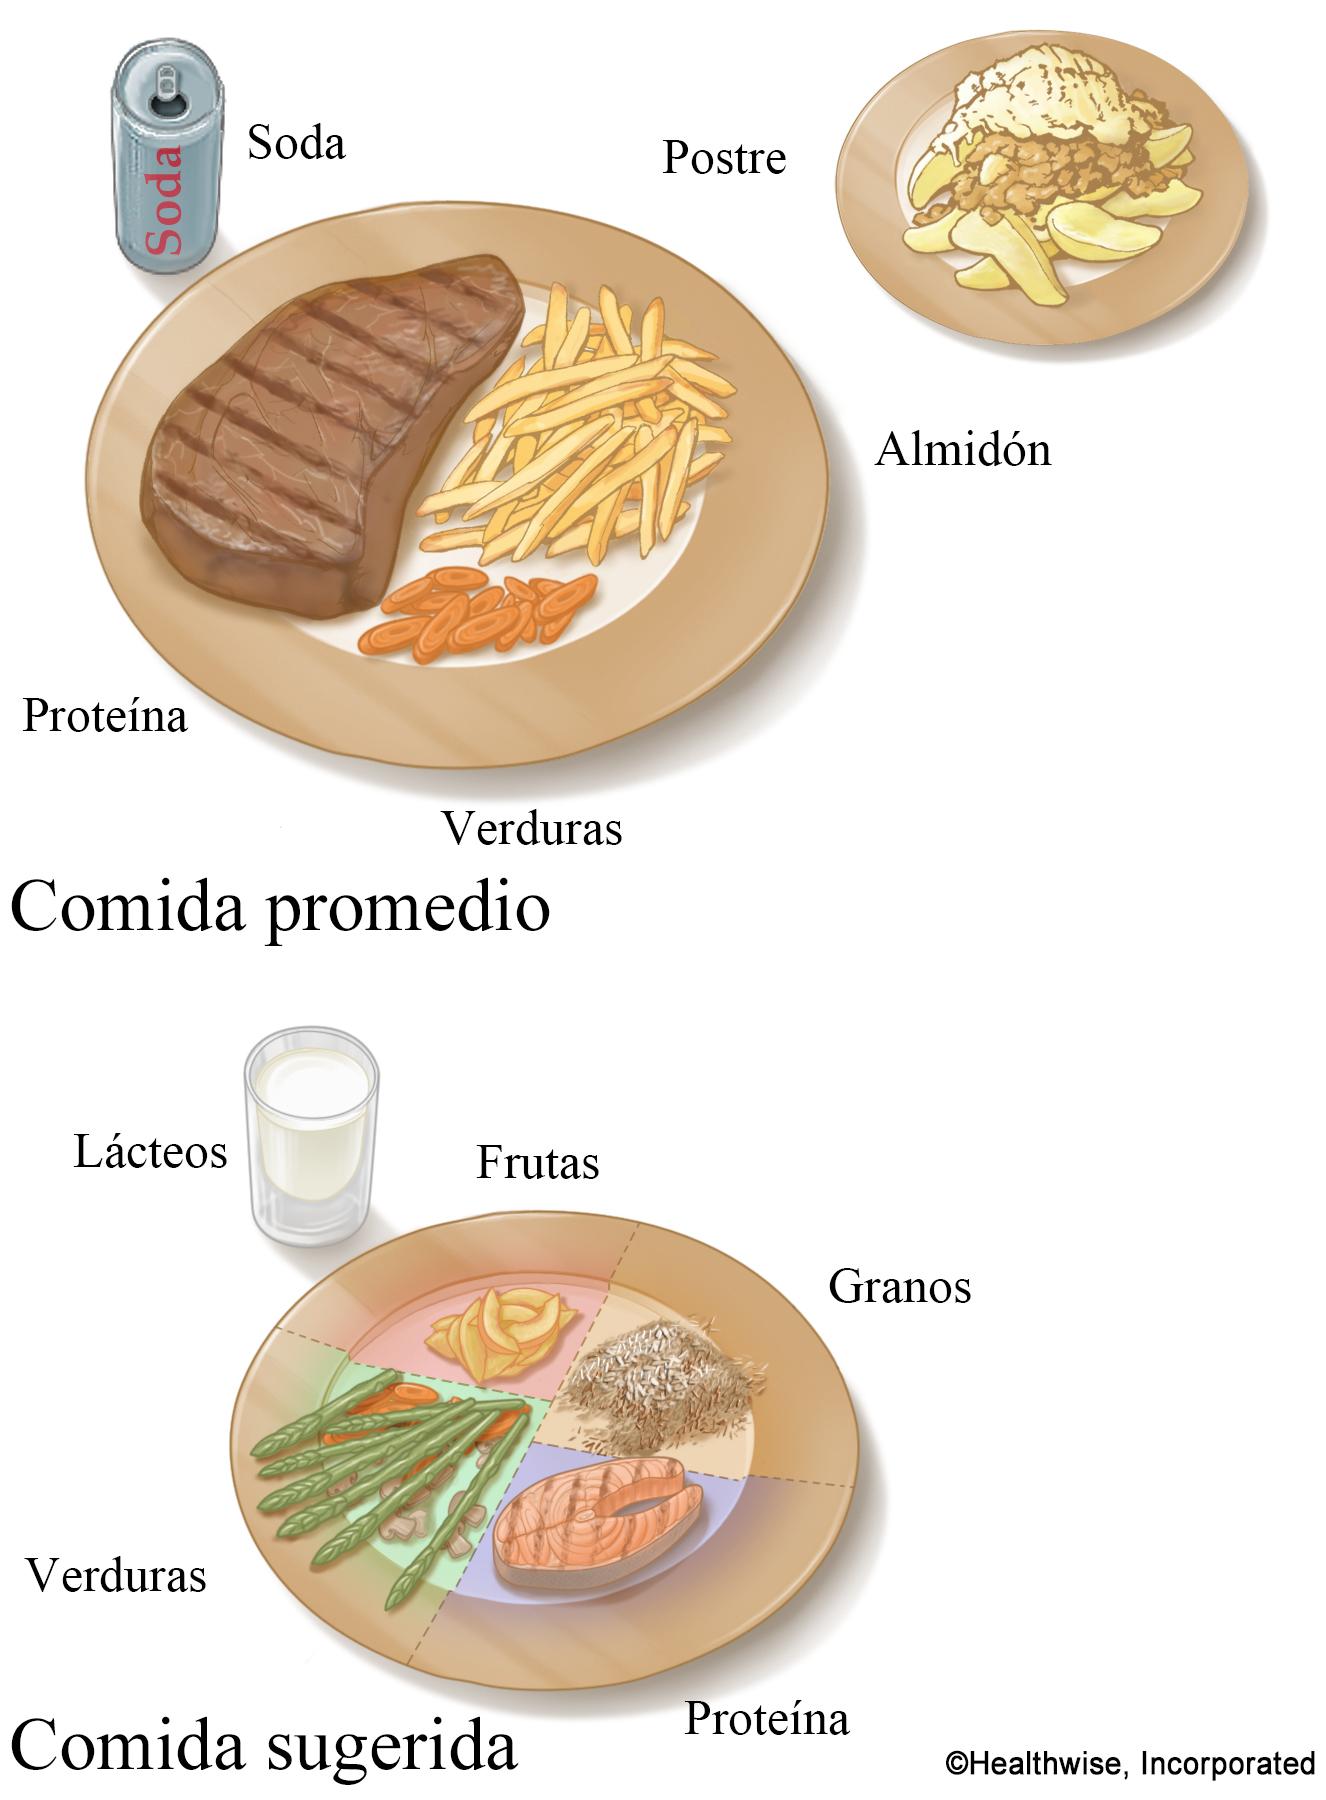 Tamaño de porción sugerida comparado con tamaño de porción de comida promedio